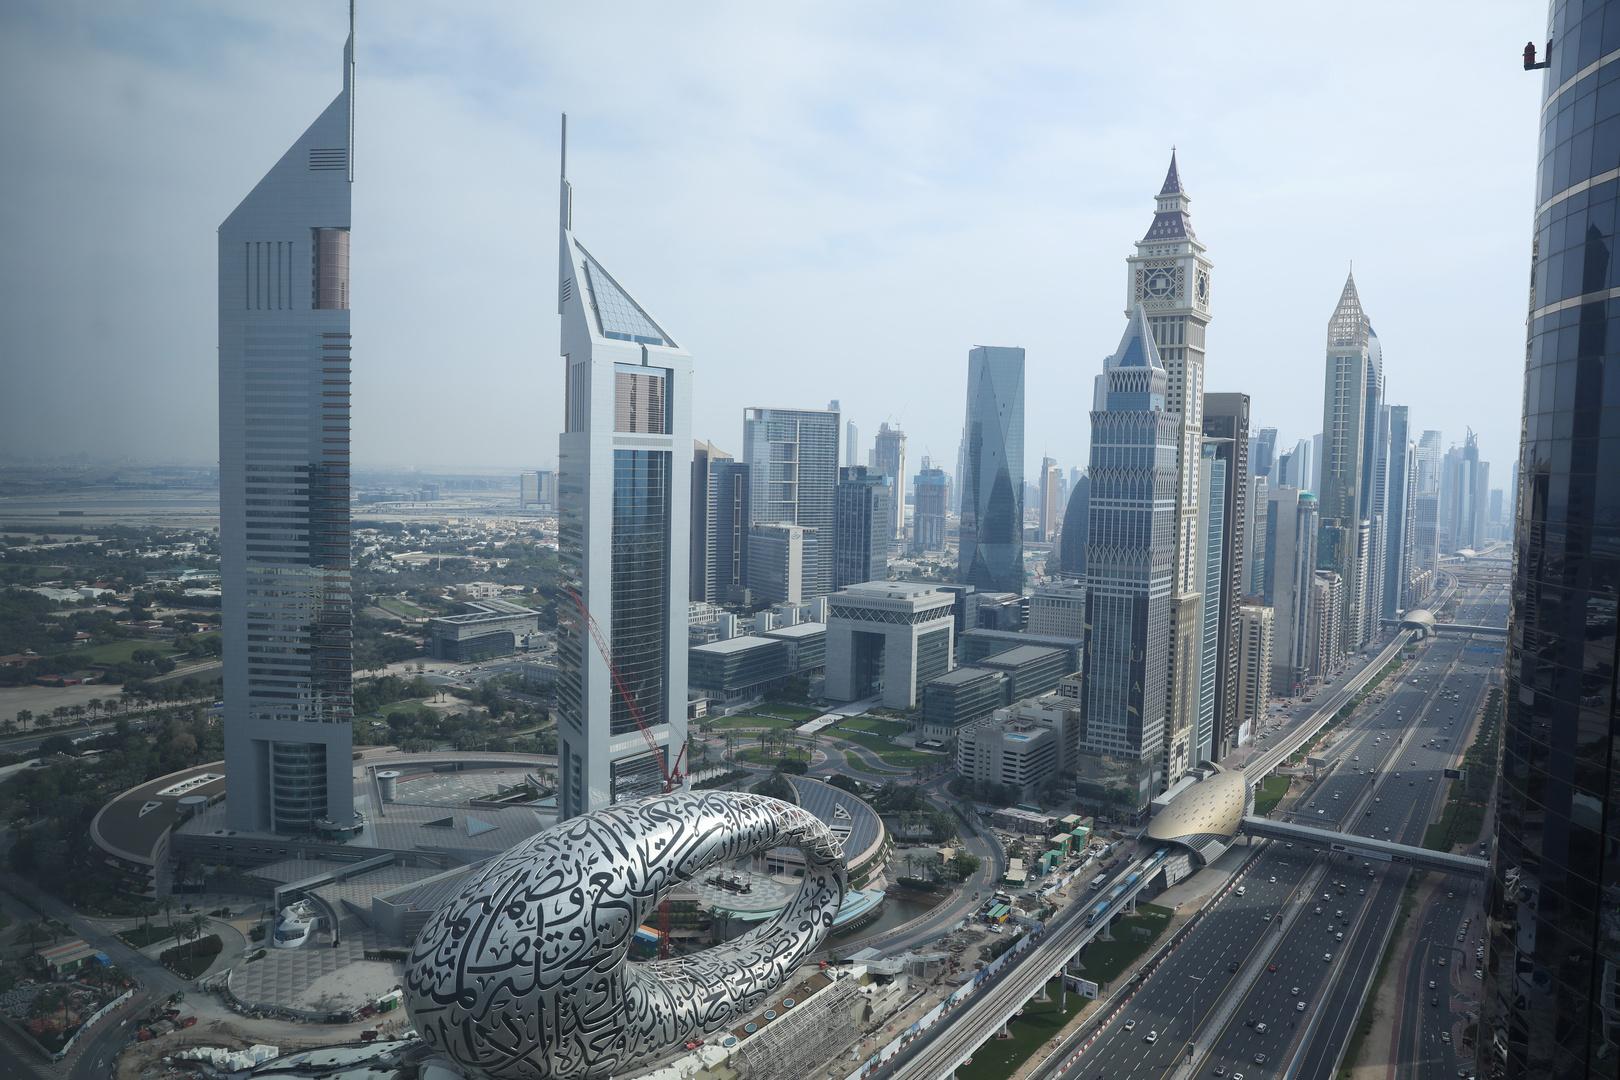 فنانة مصرية مشهورة تحصل على الإقامة الذهبية في الإمارات وتشكر حاكم دبي